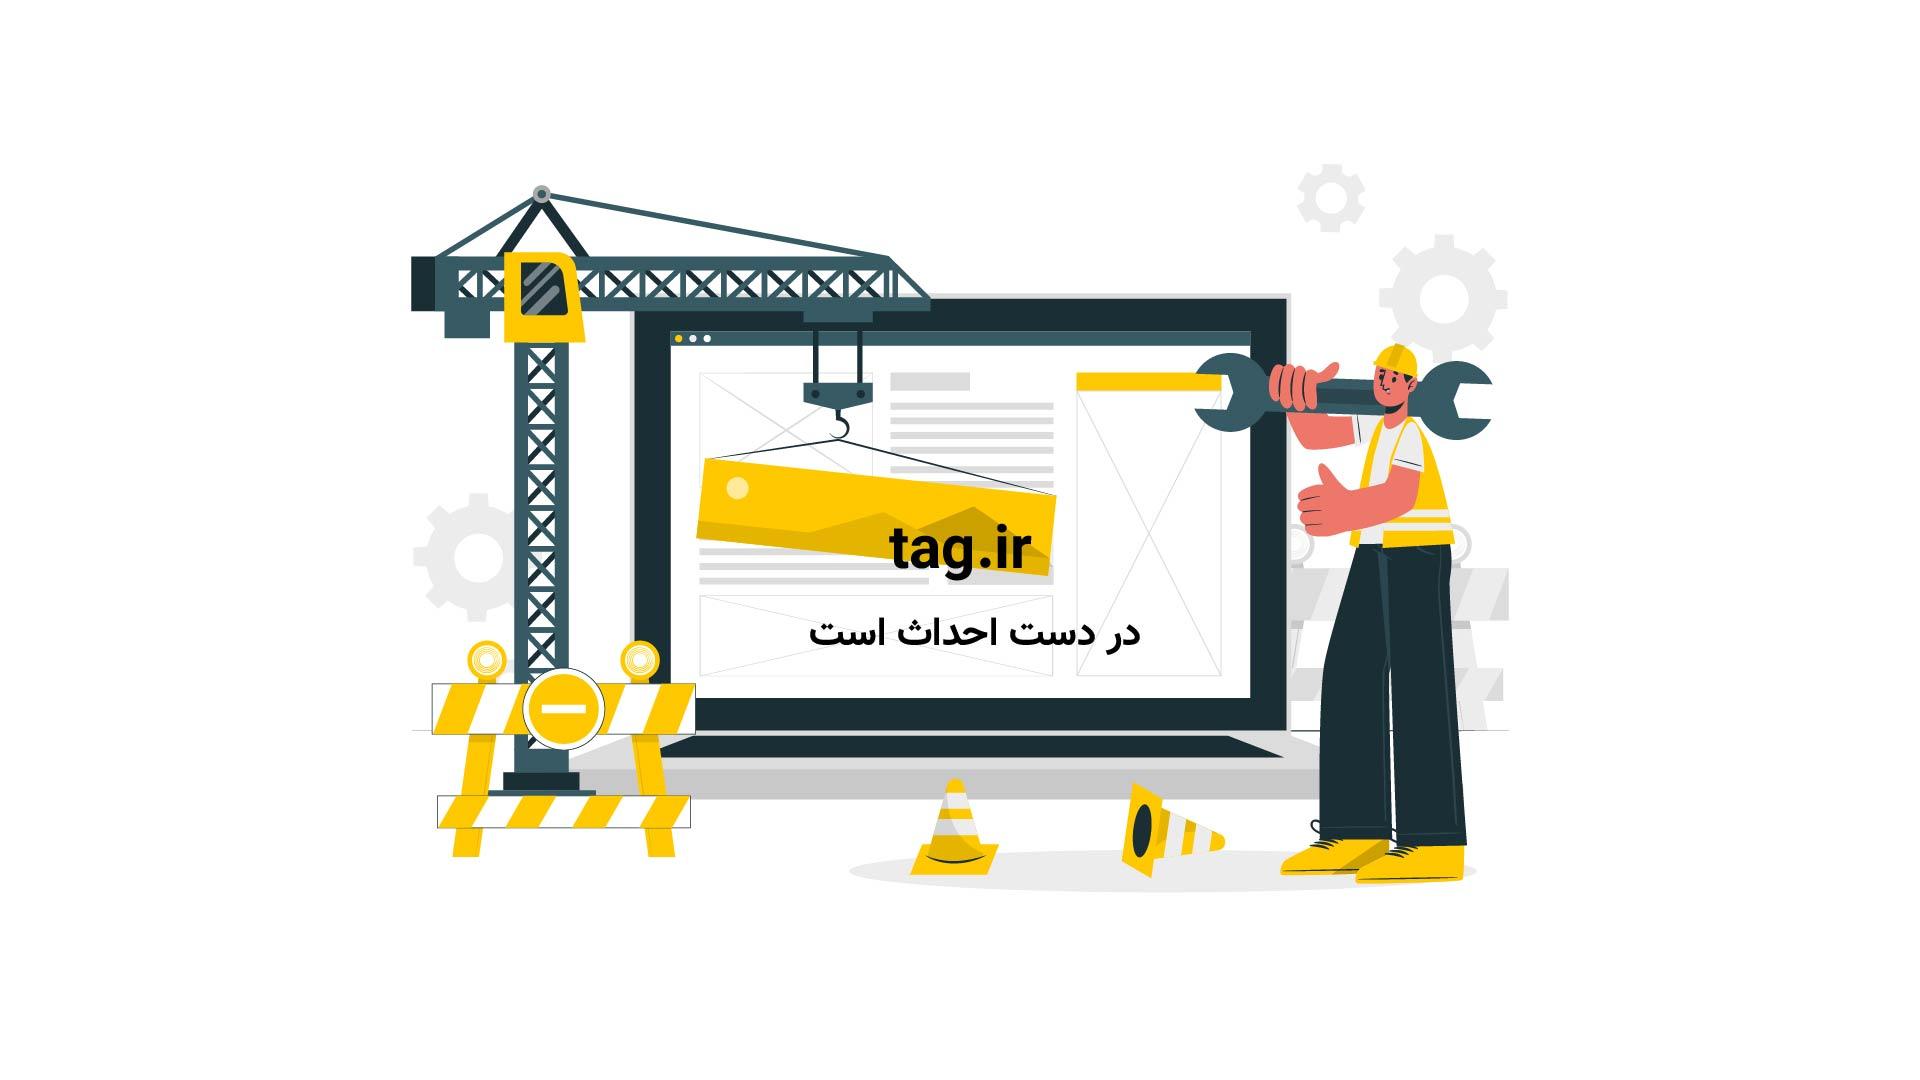 وزیر نفت: برنامهای برای تک نرخی کردن قیمت بنزین و افزایش قیمت گازوئیل نداریم | فیلم